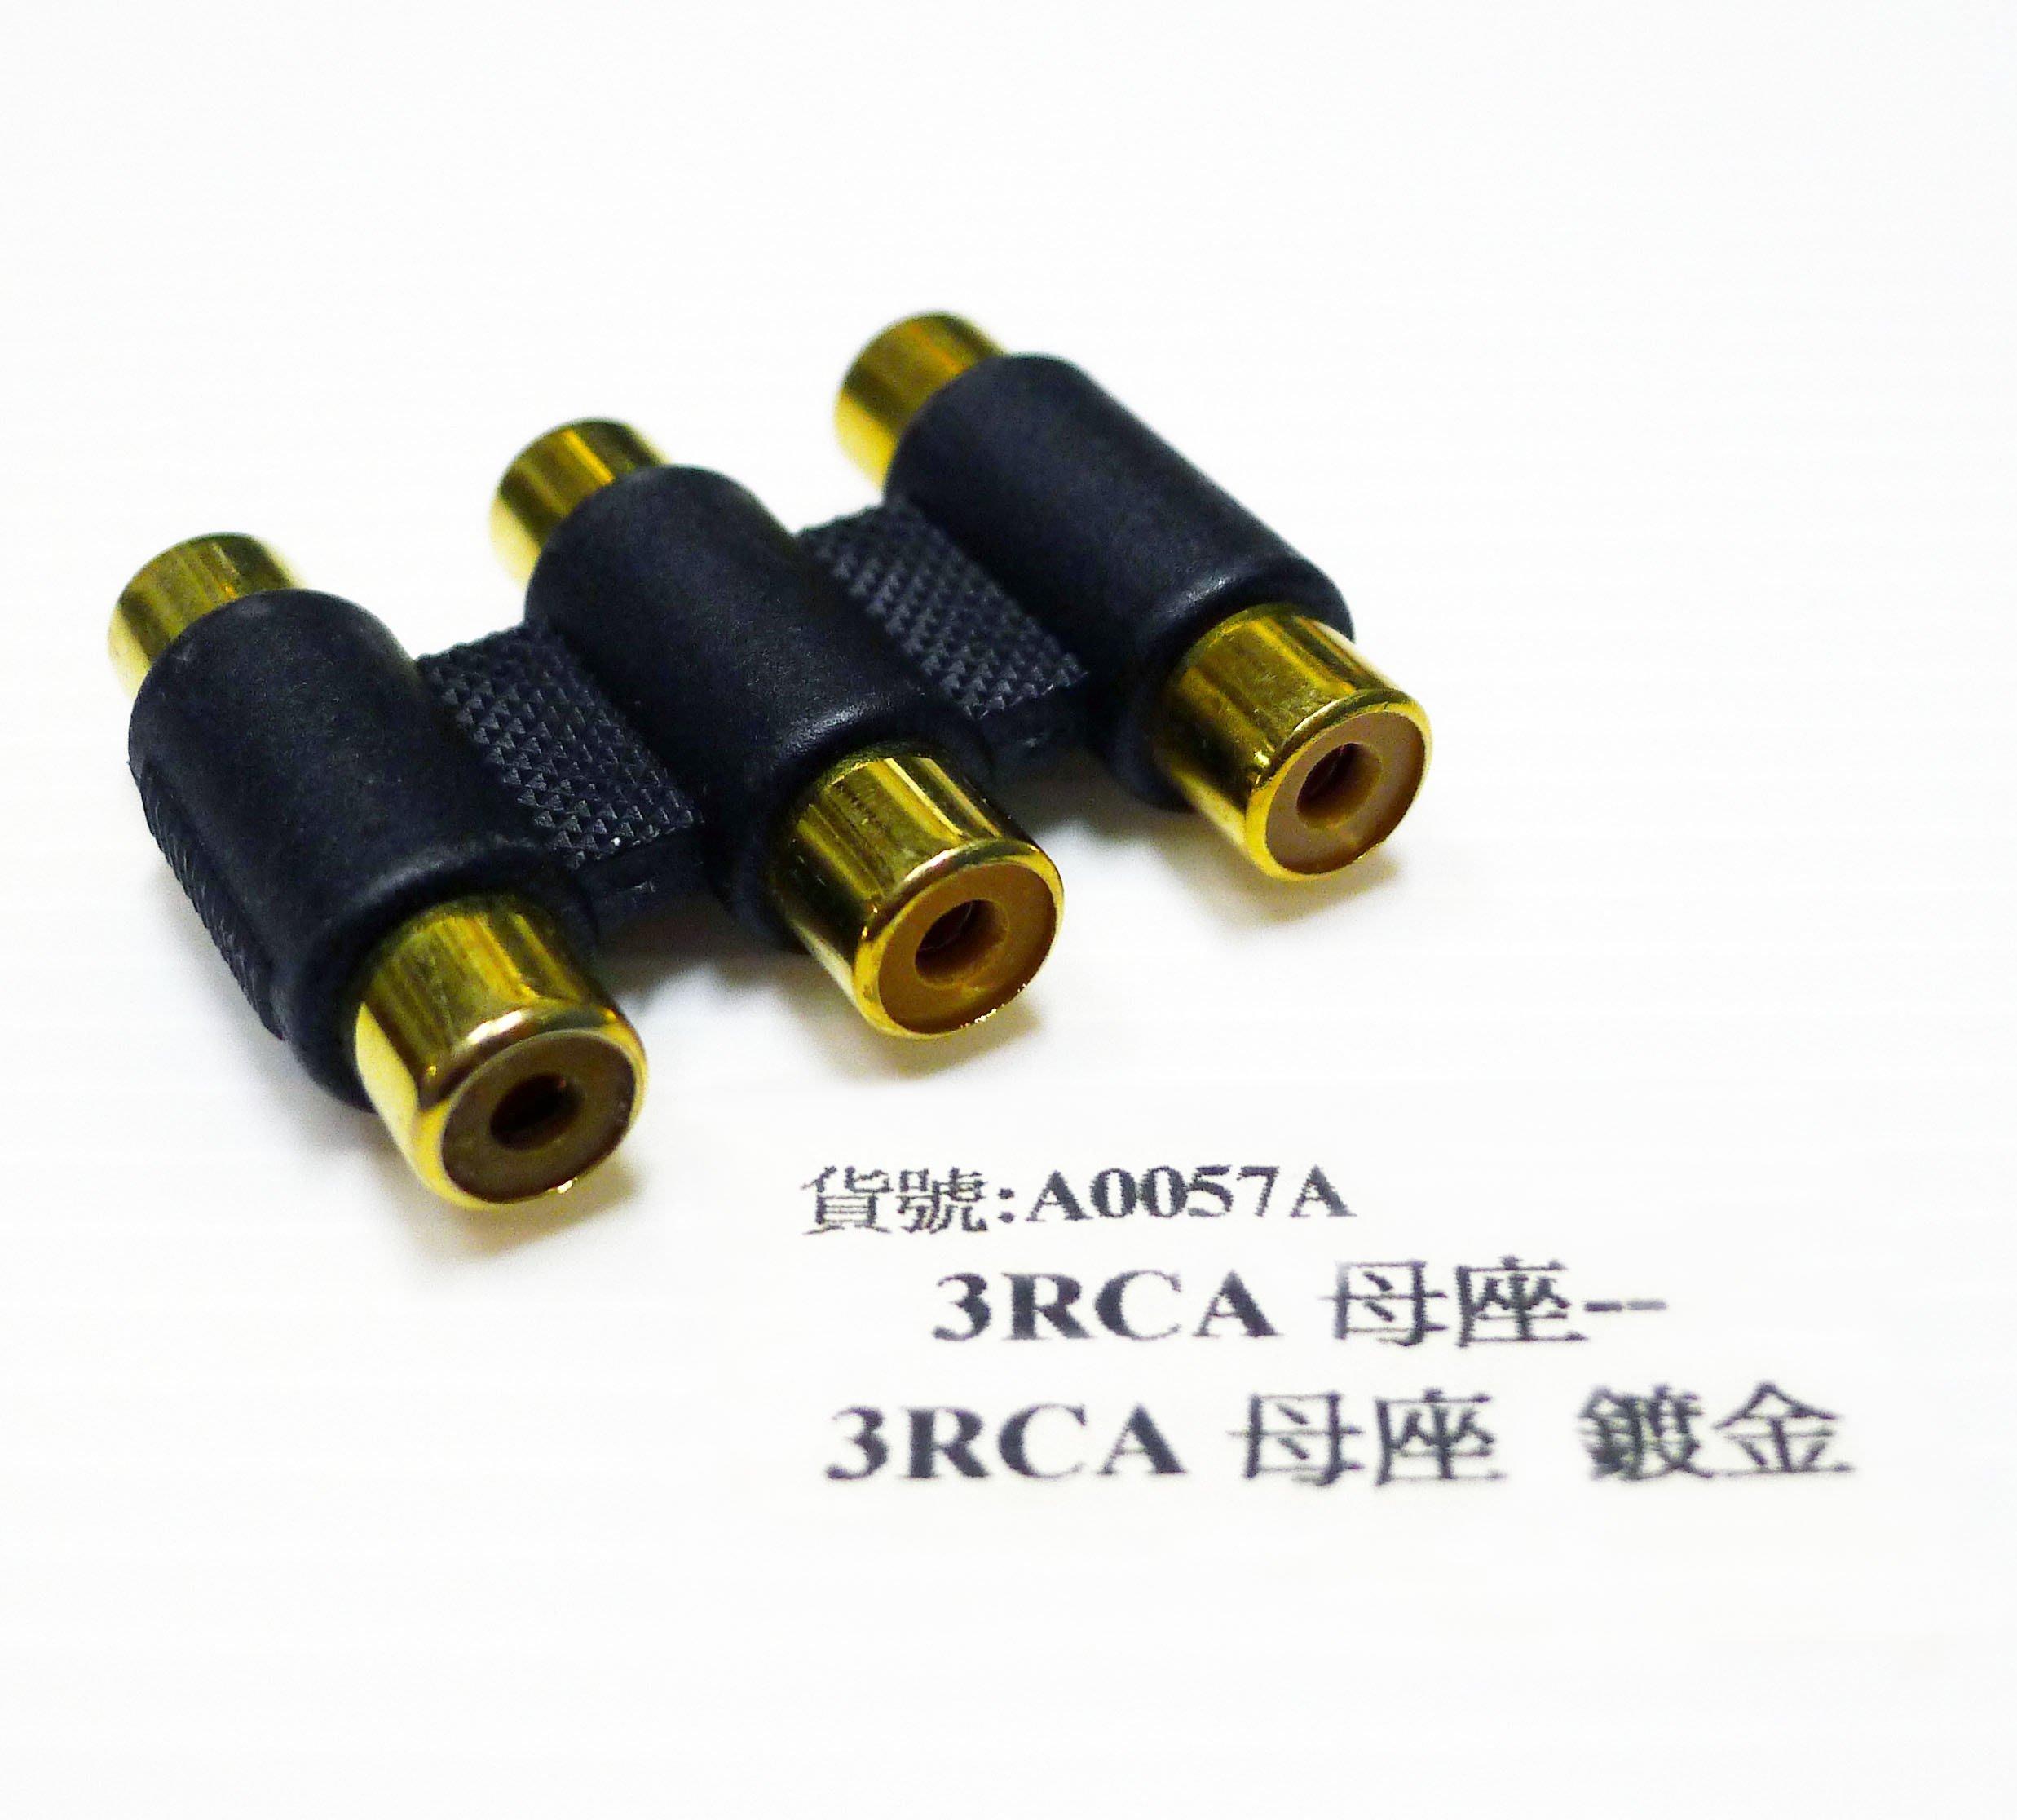 (3母轉3母)RCA AV{母(轉)RCA AV 母}(轉接頭)AV端子線/訊號線/喇叭線/影音/音響A0057A